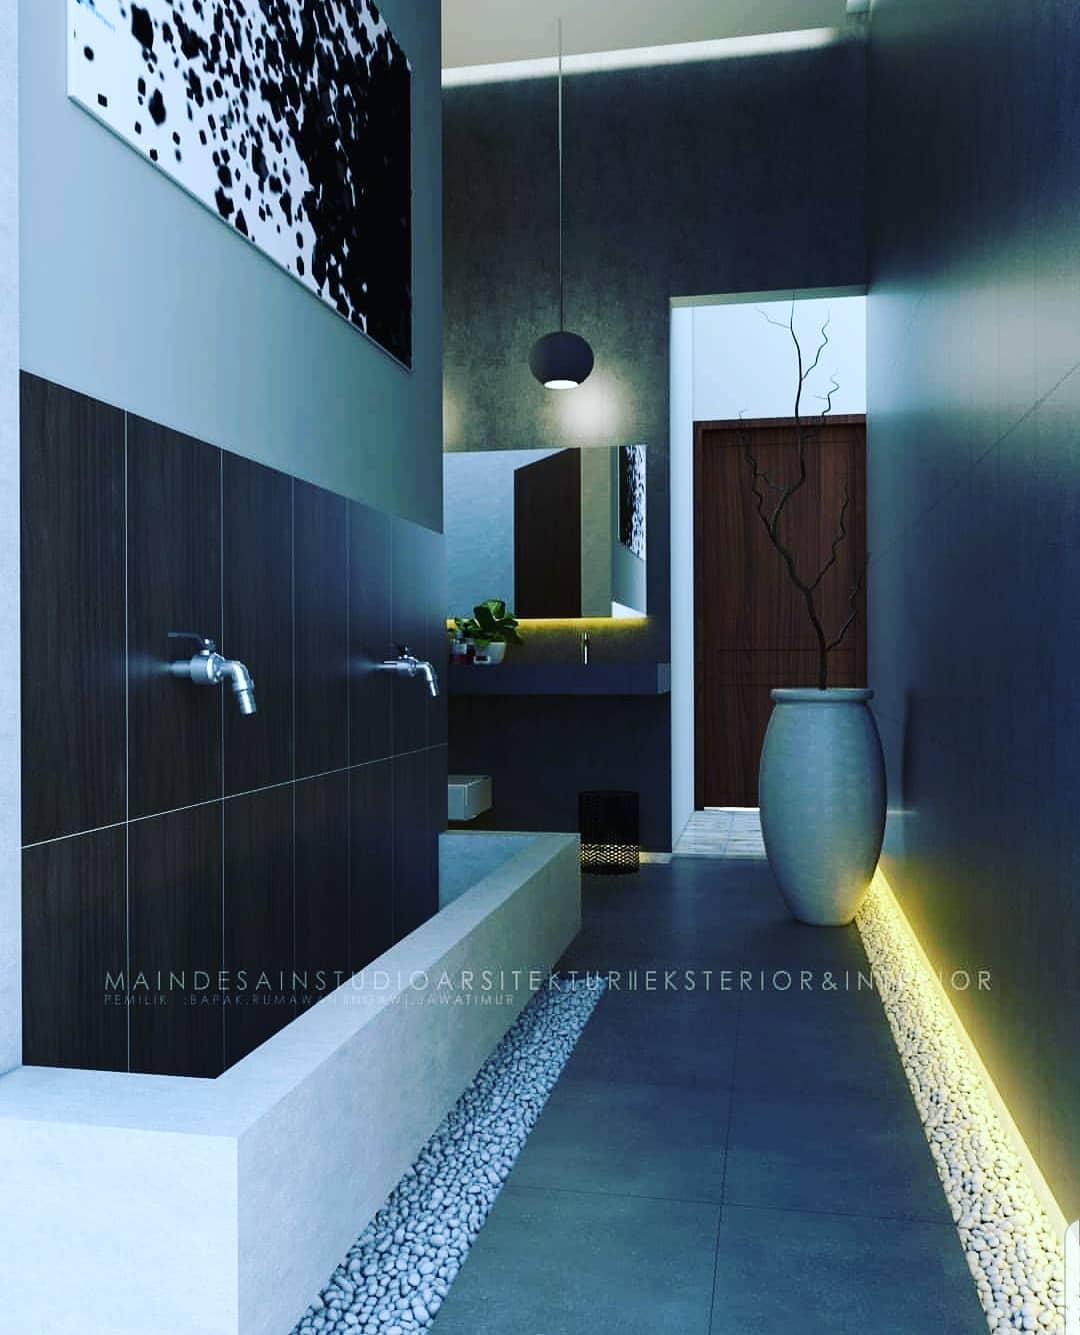 6 Ide Inspiratif Desain Tempat Wudhu Minimalis Di Rumah Gambar tempat wudhu masjid minimalis